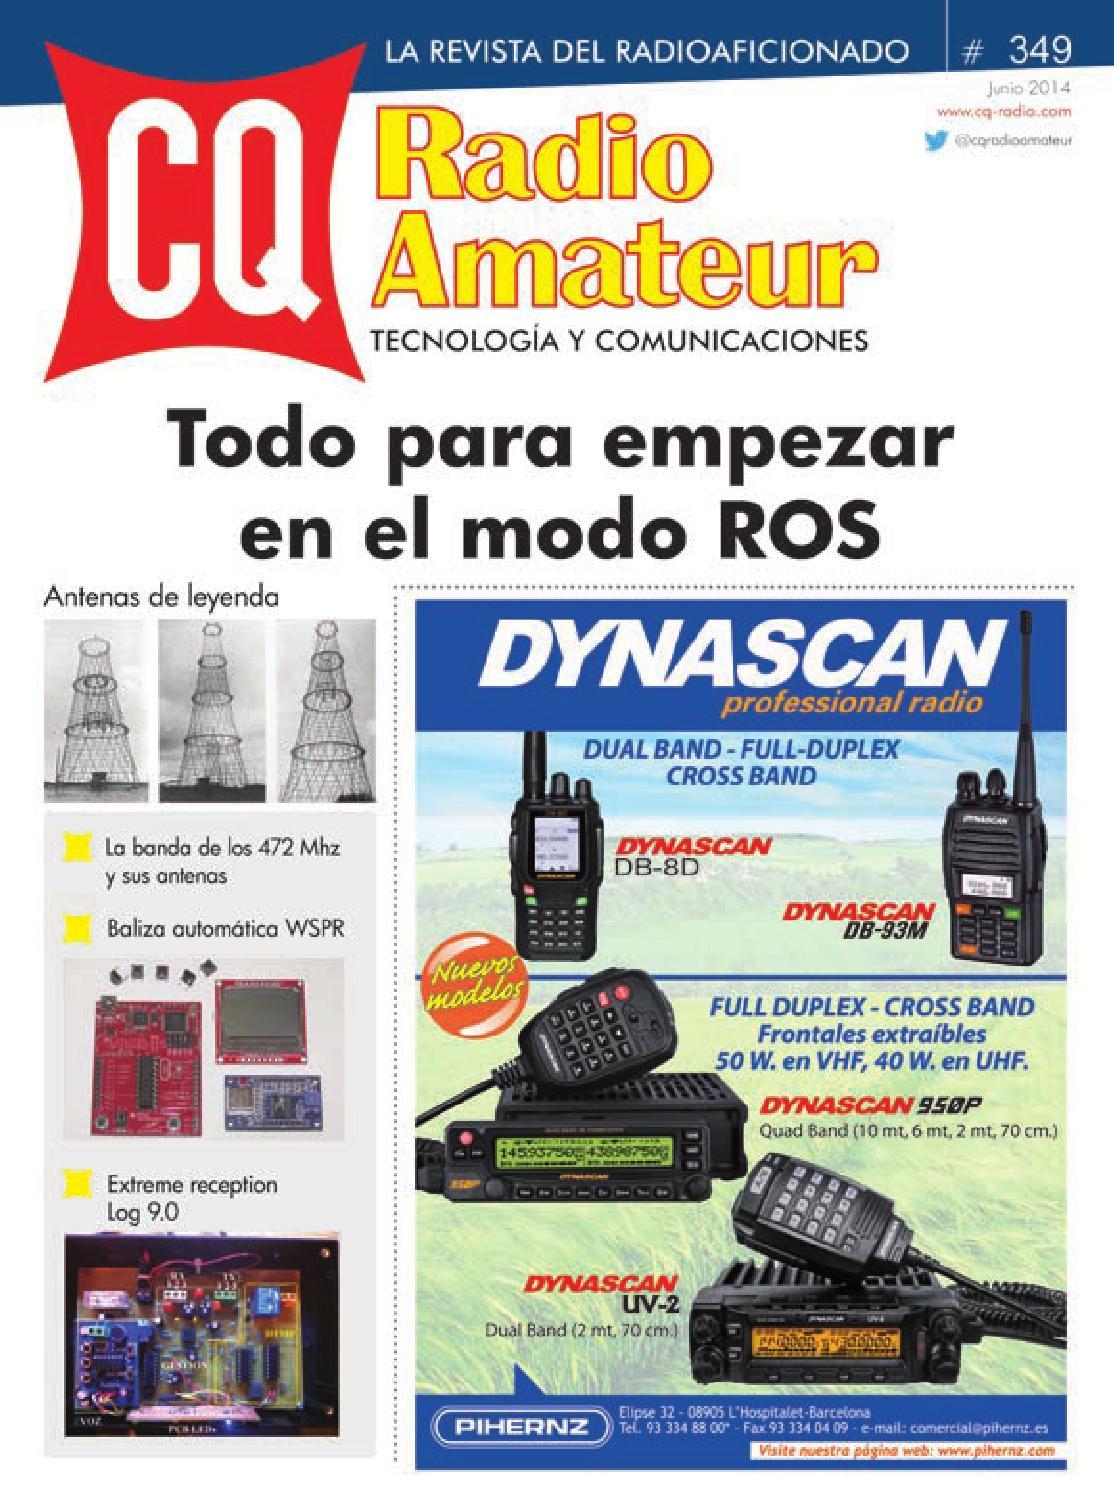 MONTAJE EN CRISTAL DAB Digital Antena de radio para coche antena NUEVO DISE/ÑO silenciosas Amplificador Integrado WNB Ventana Soporte DAB DAB